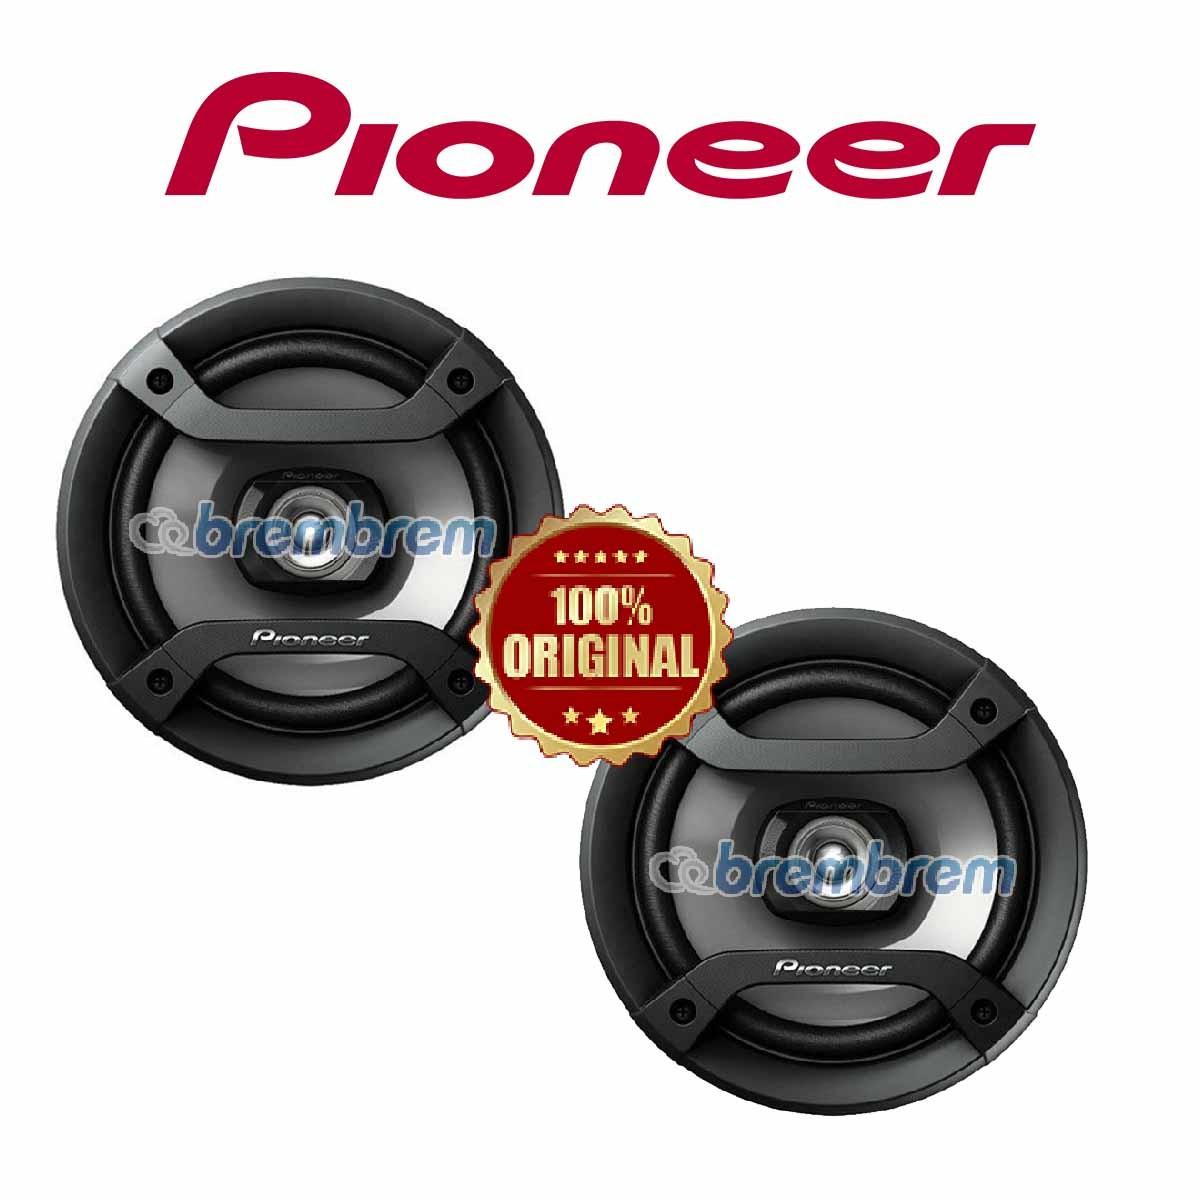 PIONEER TS F1634R - SPEAKER COAXIAL